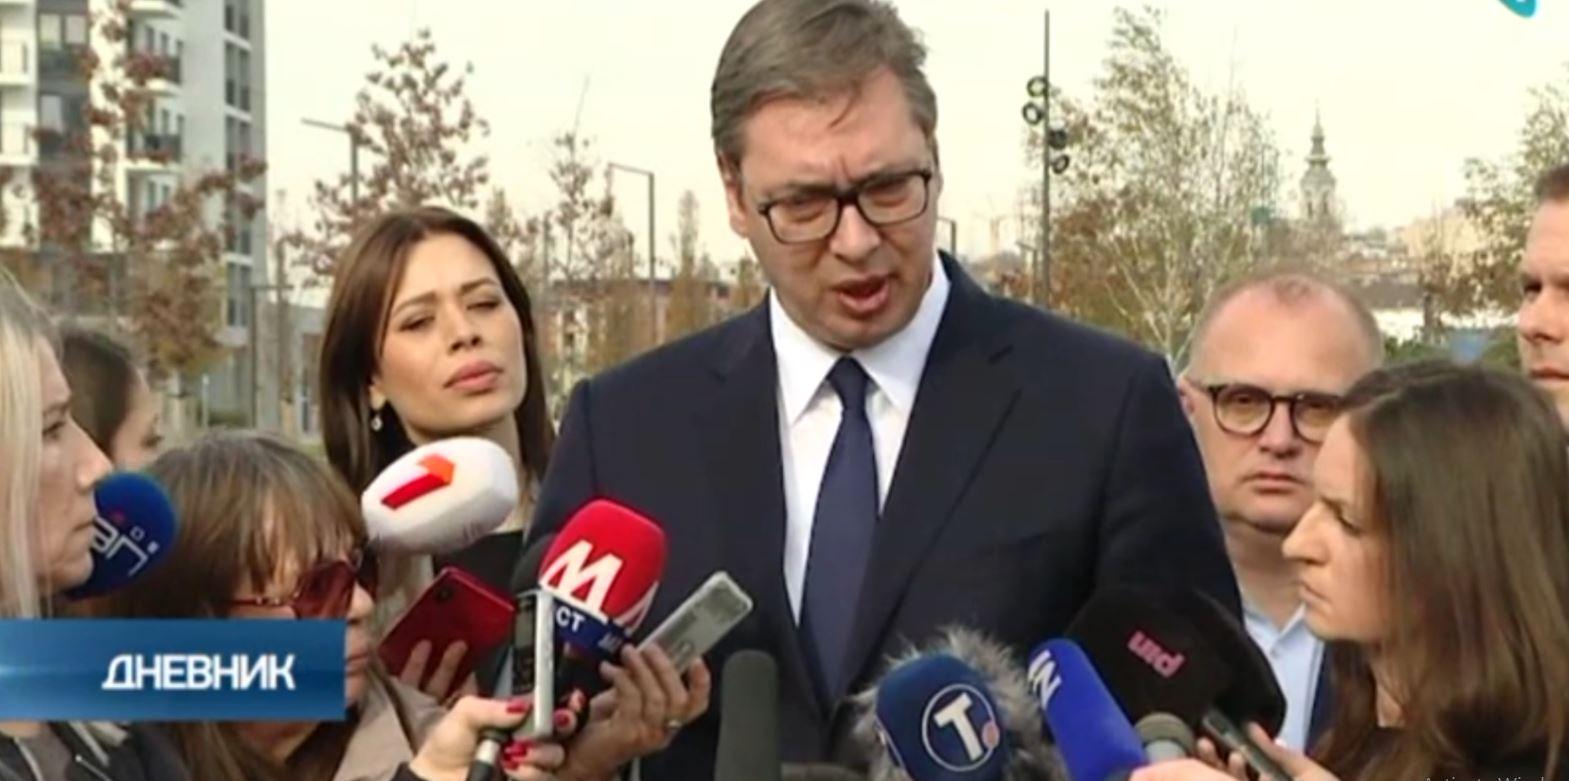 Vuçiç heq dorë nga drejtimi i Partisë së tij: Njeriu duhet ta dijë kur është koha të largohet